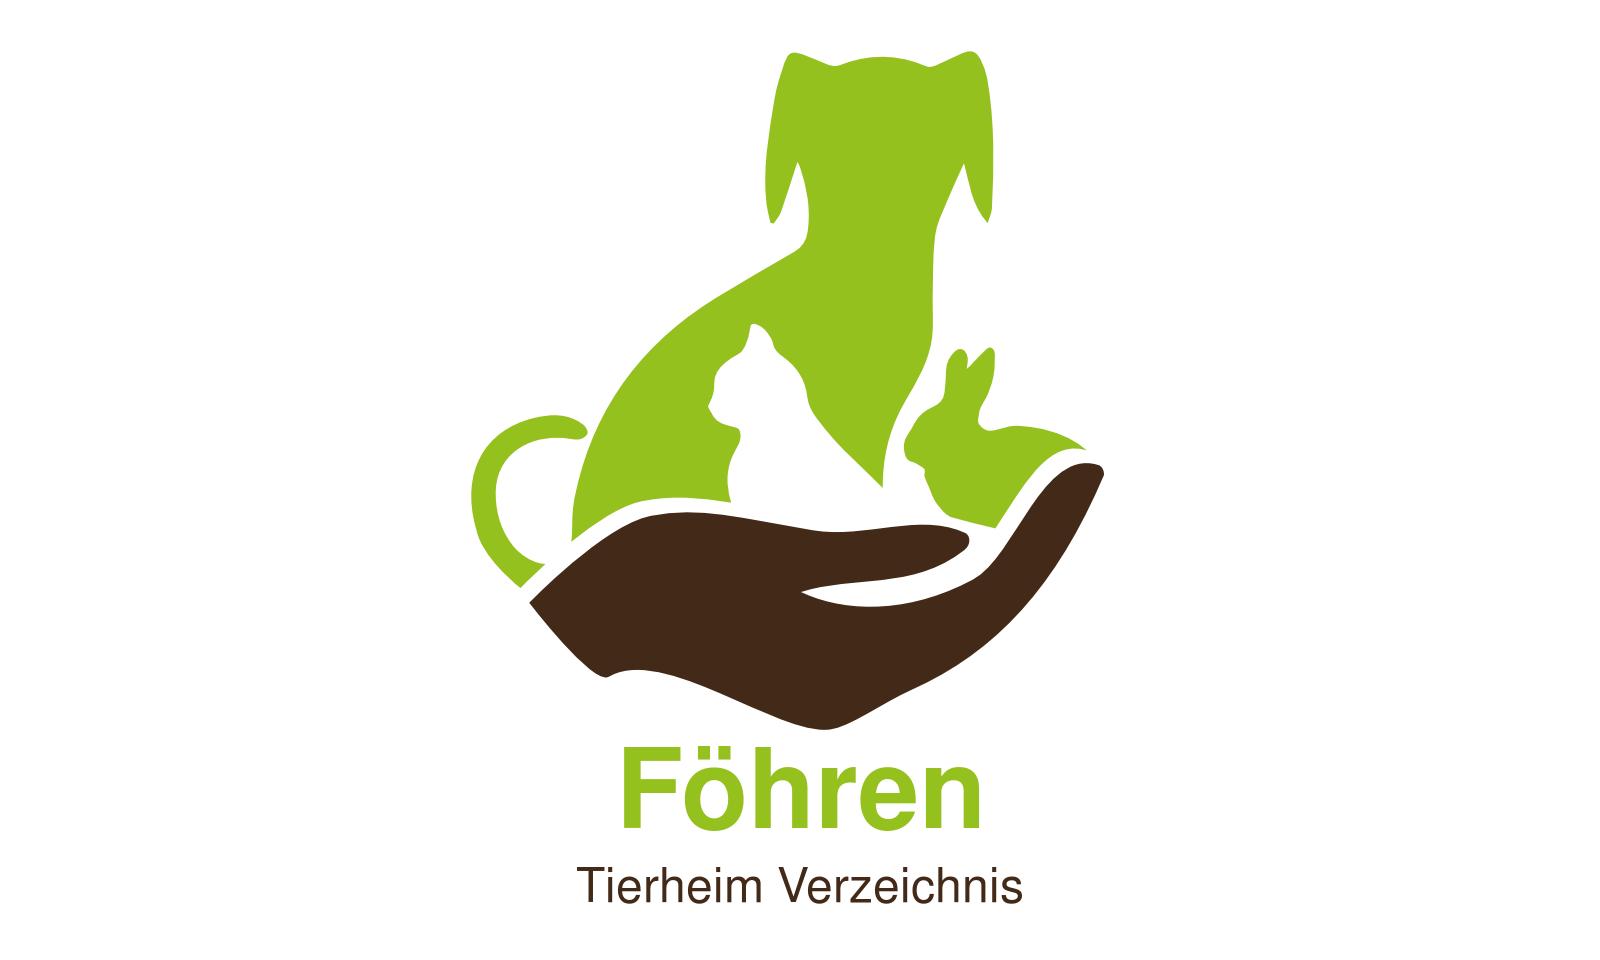 Tierheim Föhren